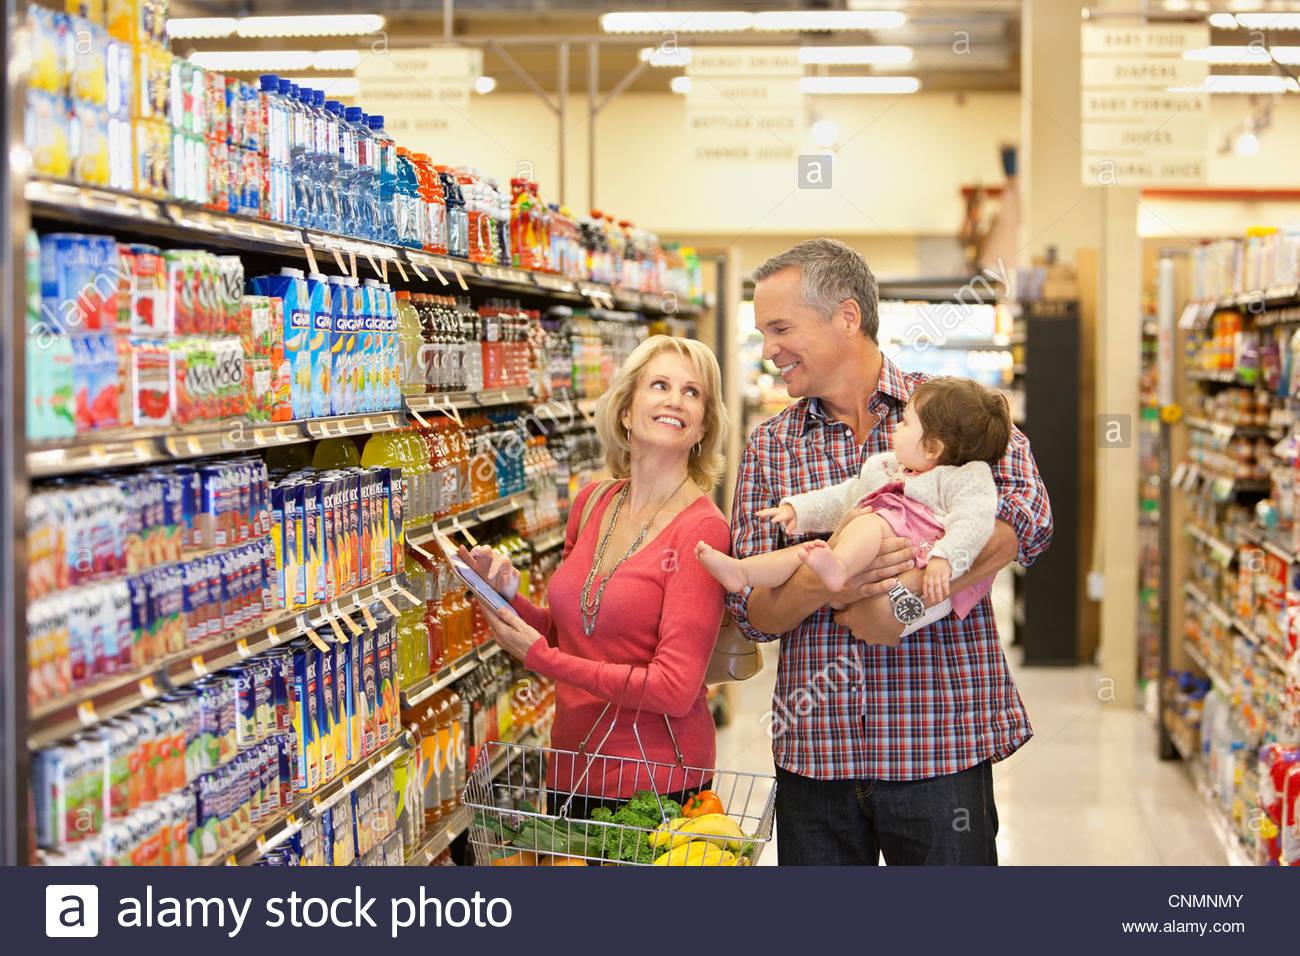 familie f r lebensmittel im supermarkt einkaufen stockfoto bild 47784603 alamy. Black Bedroom Furniture Sets. Home Design Ideas